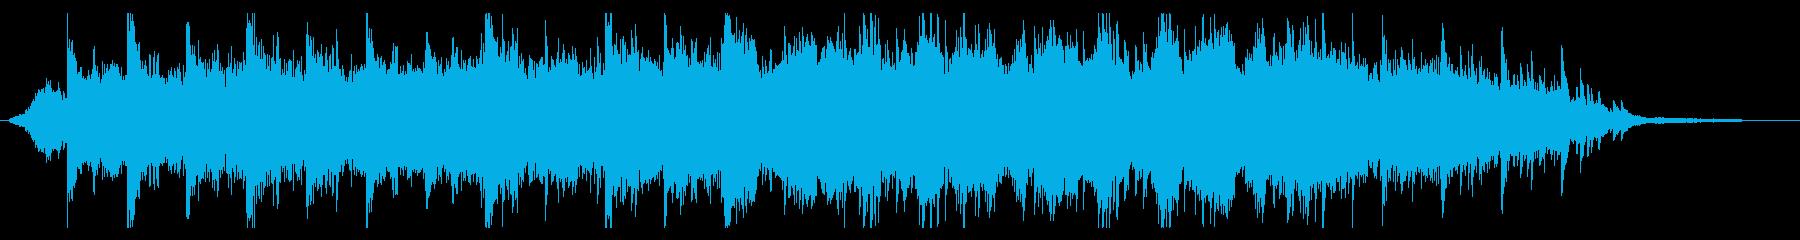 ダークな世界観をオーケストラで表現した曲の再生済みの波形